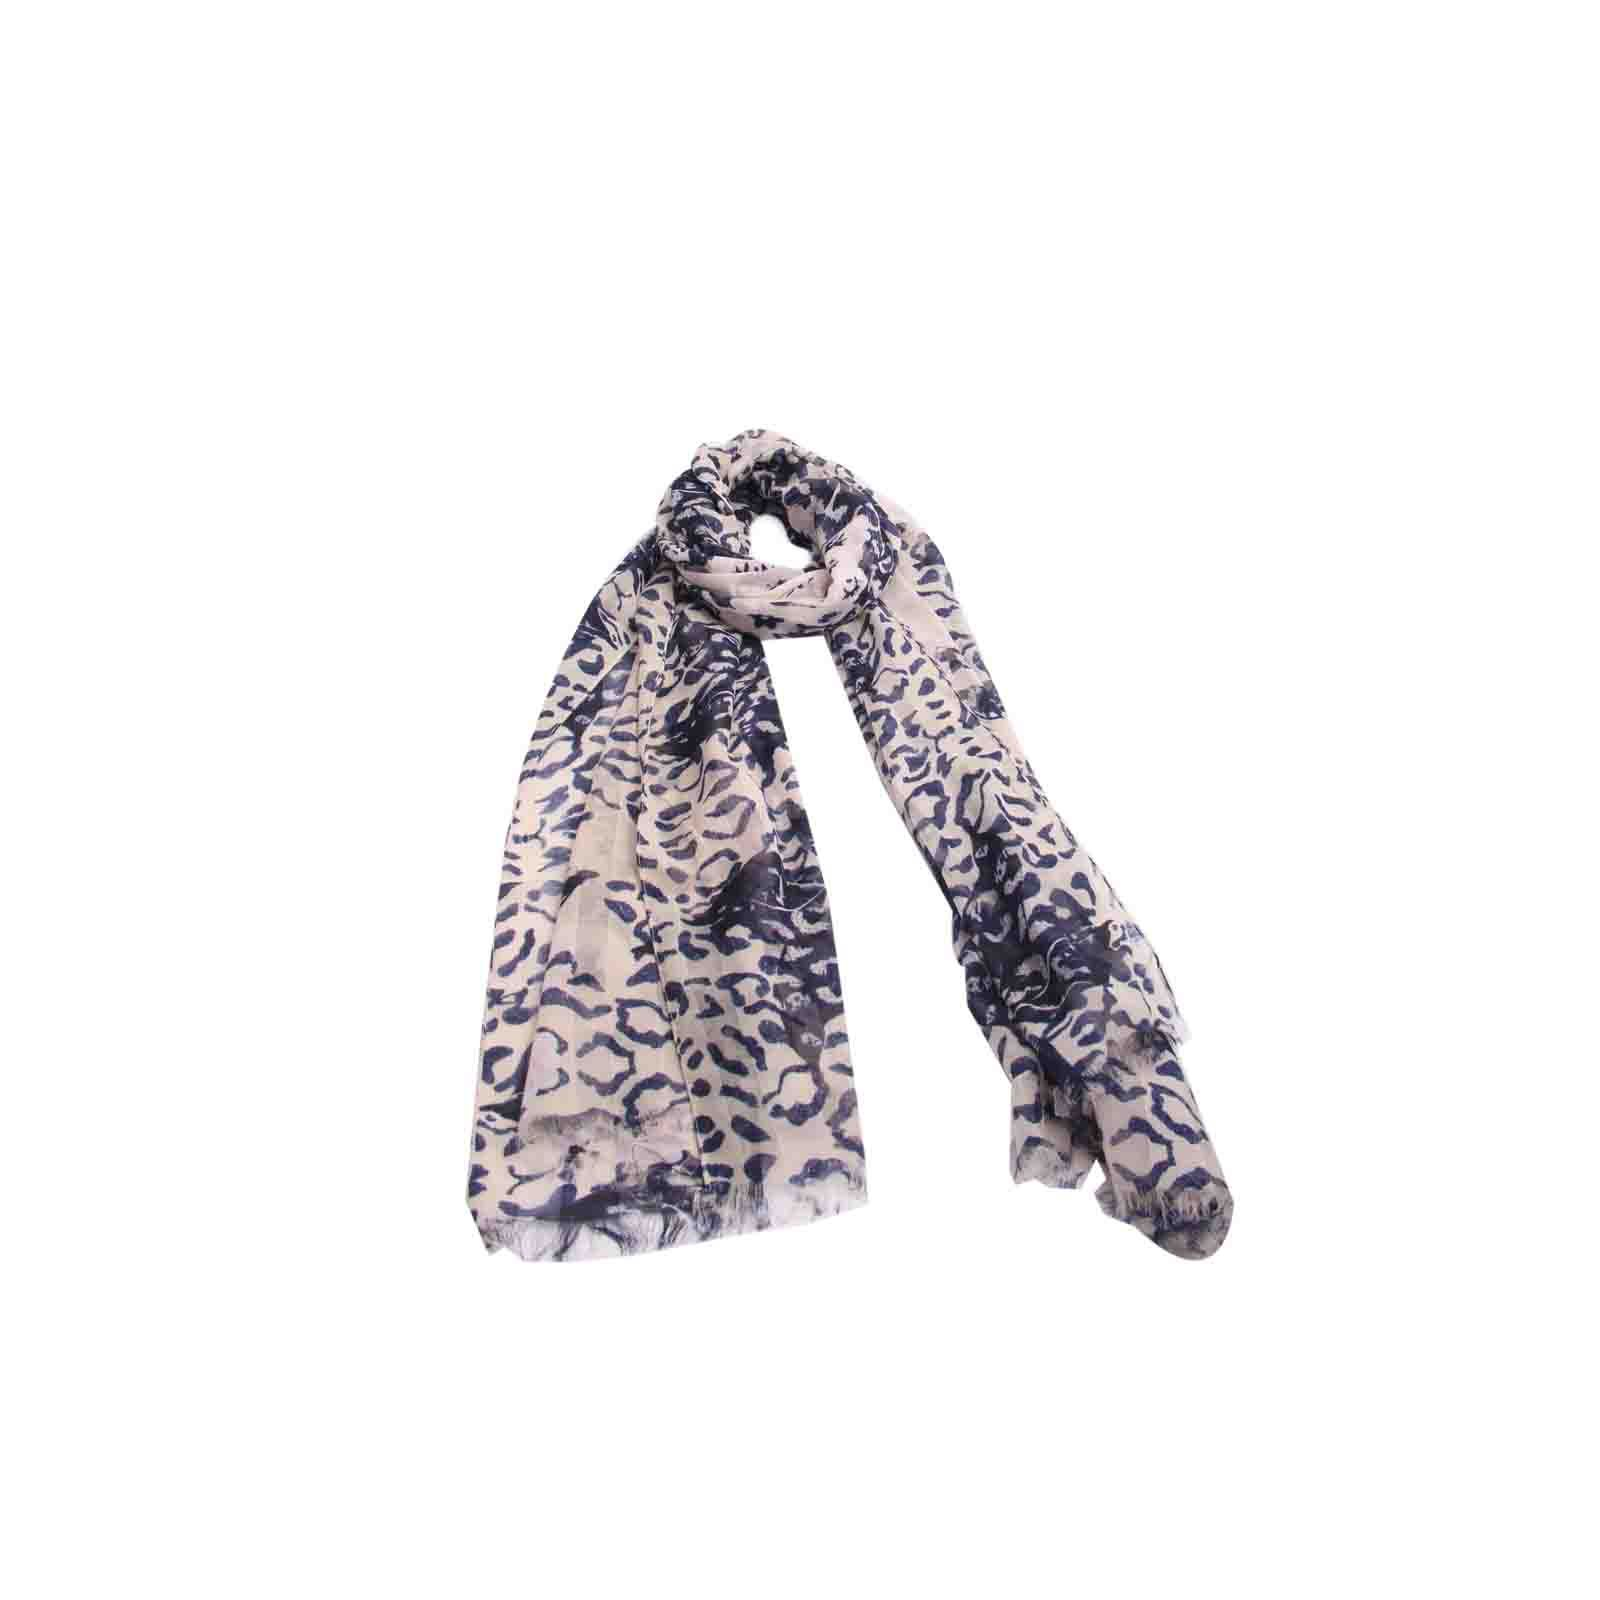 Echarpe Floral Azul Marinho #echarpe #echarpes #lenços #lenço #scarf #scarfs